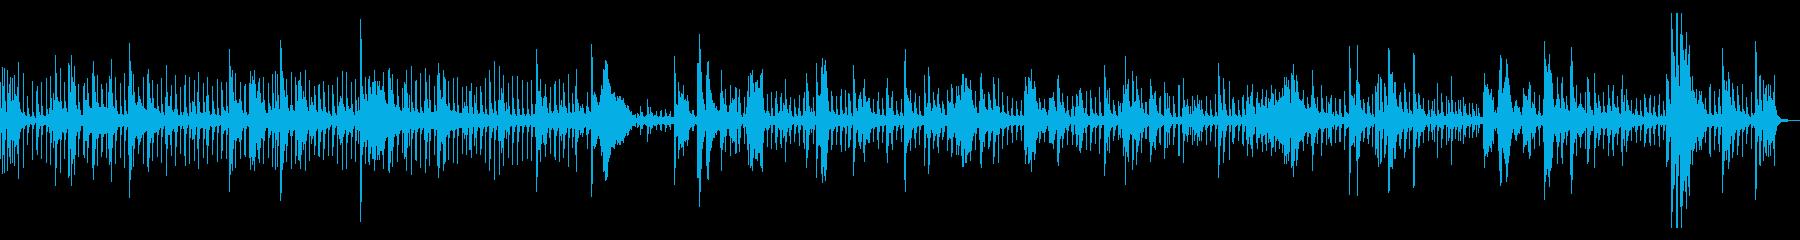 カフカ 海辺 ピアノの再生済みの波形